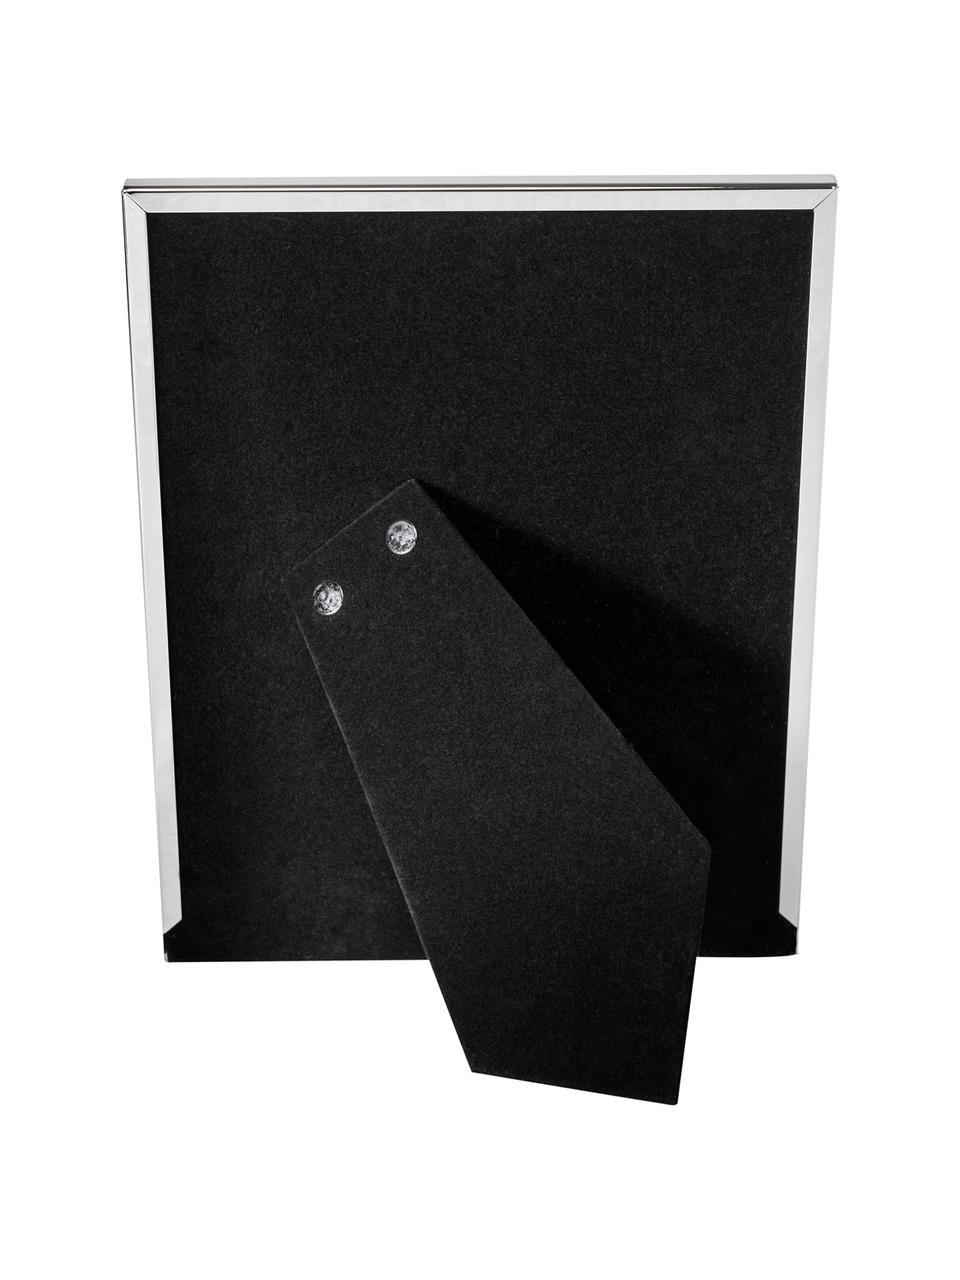 Bilderrahmen Memento, Rahmen: Metall, vernickelt, Front: Glas, spiegelnd, Rückseite: Holz, Samt, Silber, 20 x 24 cm